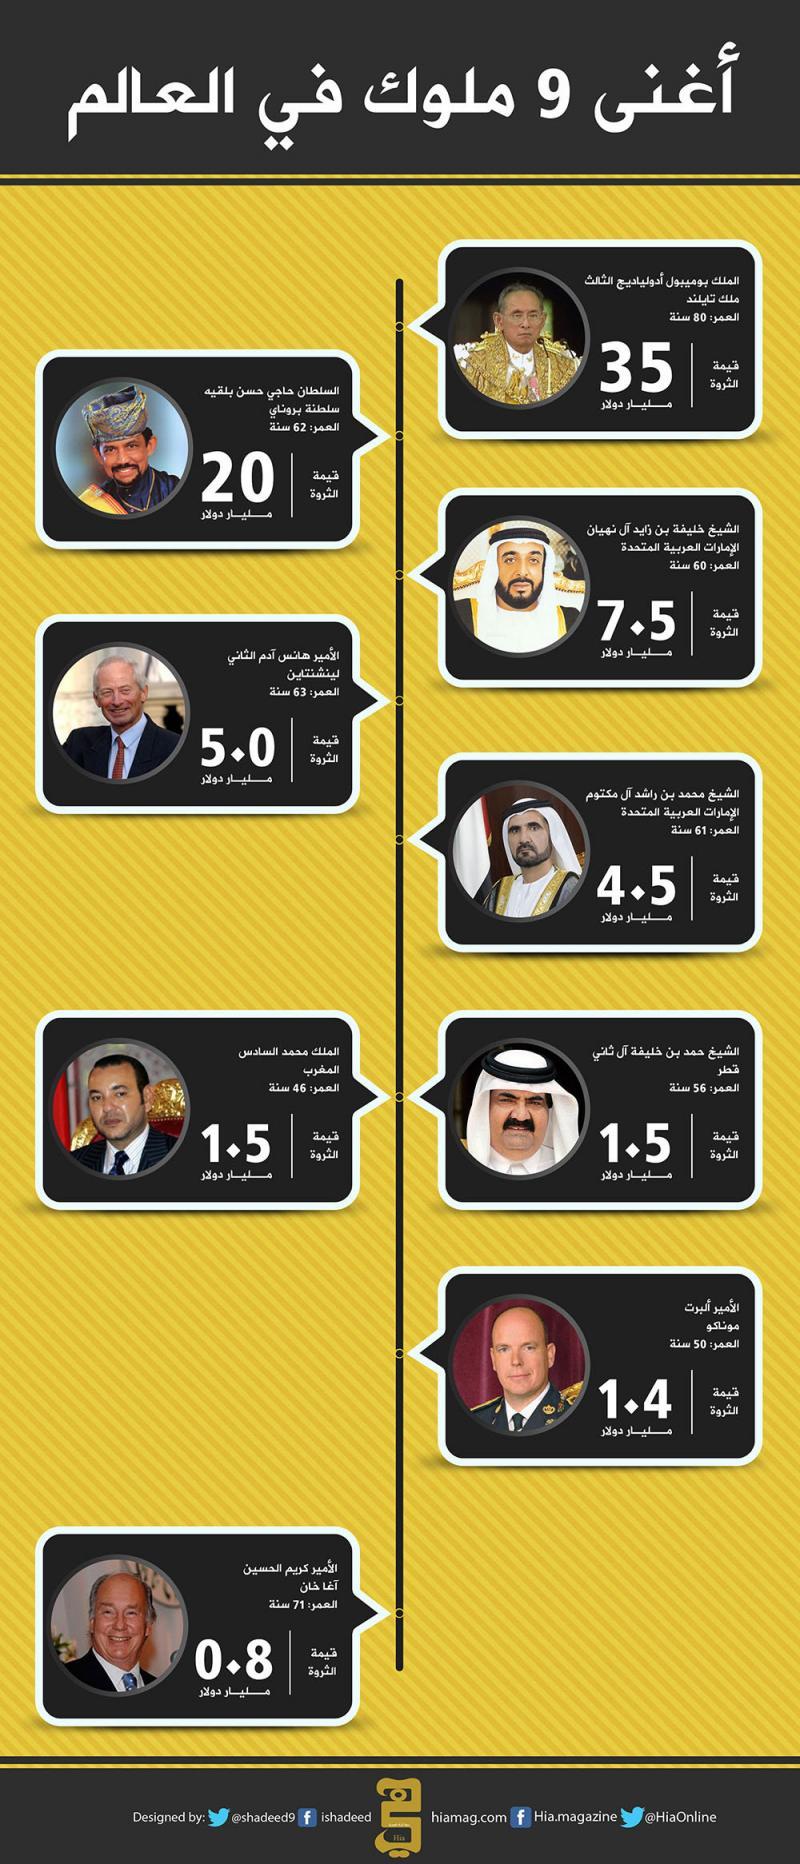 أغنى 9 ملوك في العالم #انفوجرافيك_عربي #انفوجرافيك